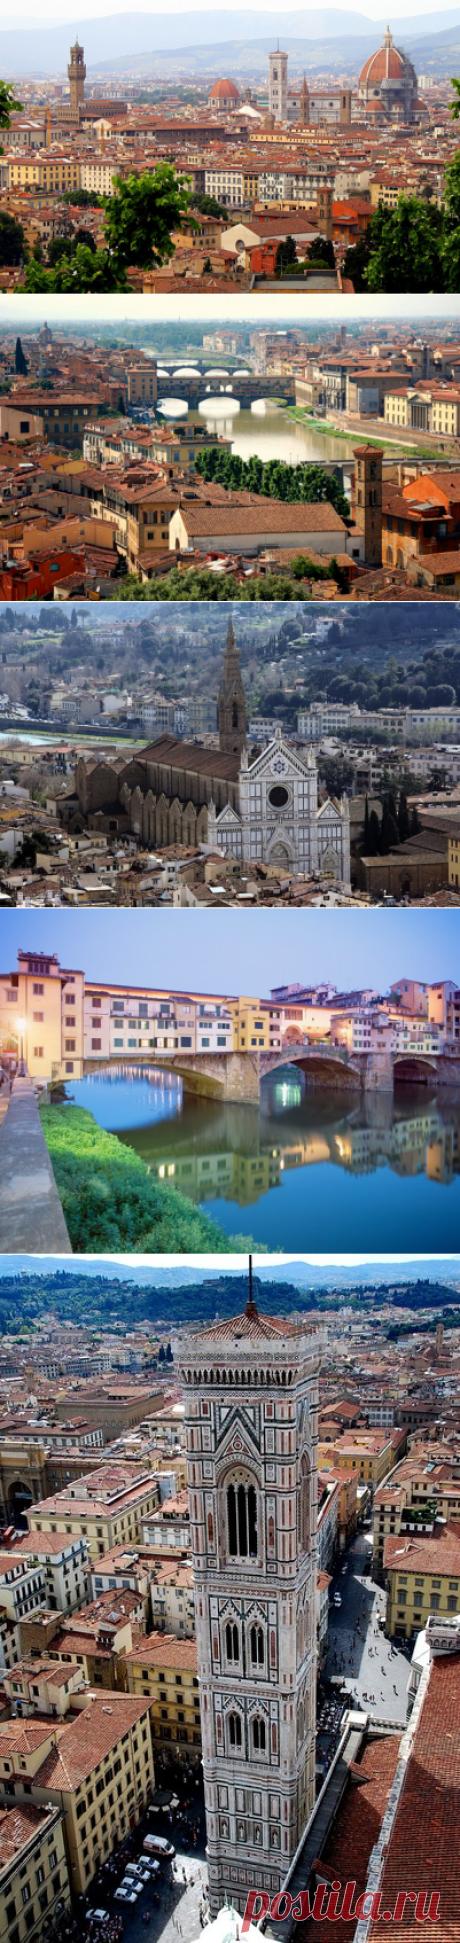 La ciudad Florencia (Italia)